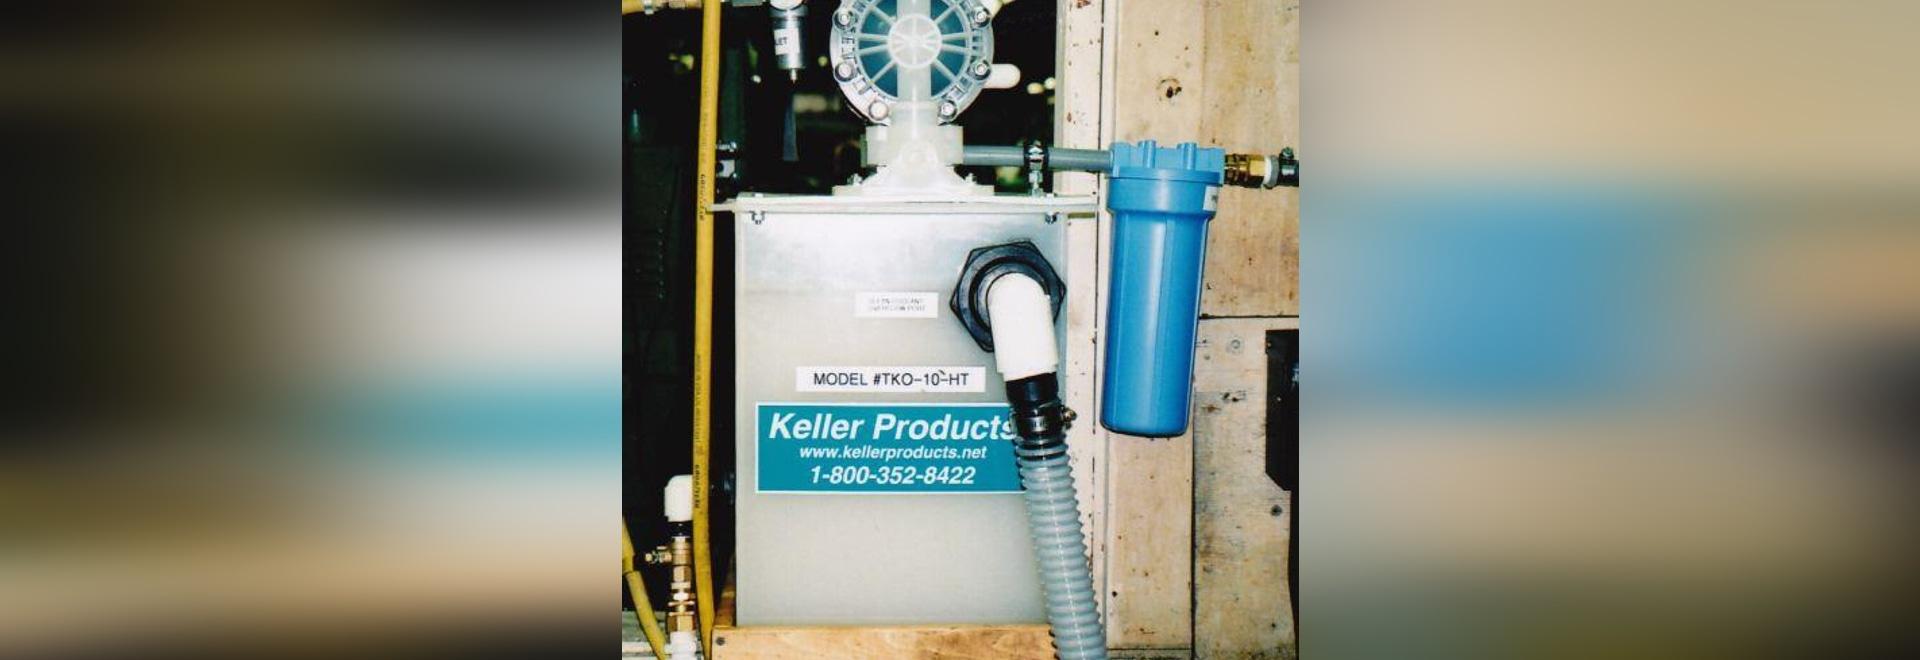 Le pétrole de TKO-10HT/séparateur d'eau tire l'eau huileuse de rinçage de la surface de réservoir de rinçage